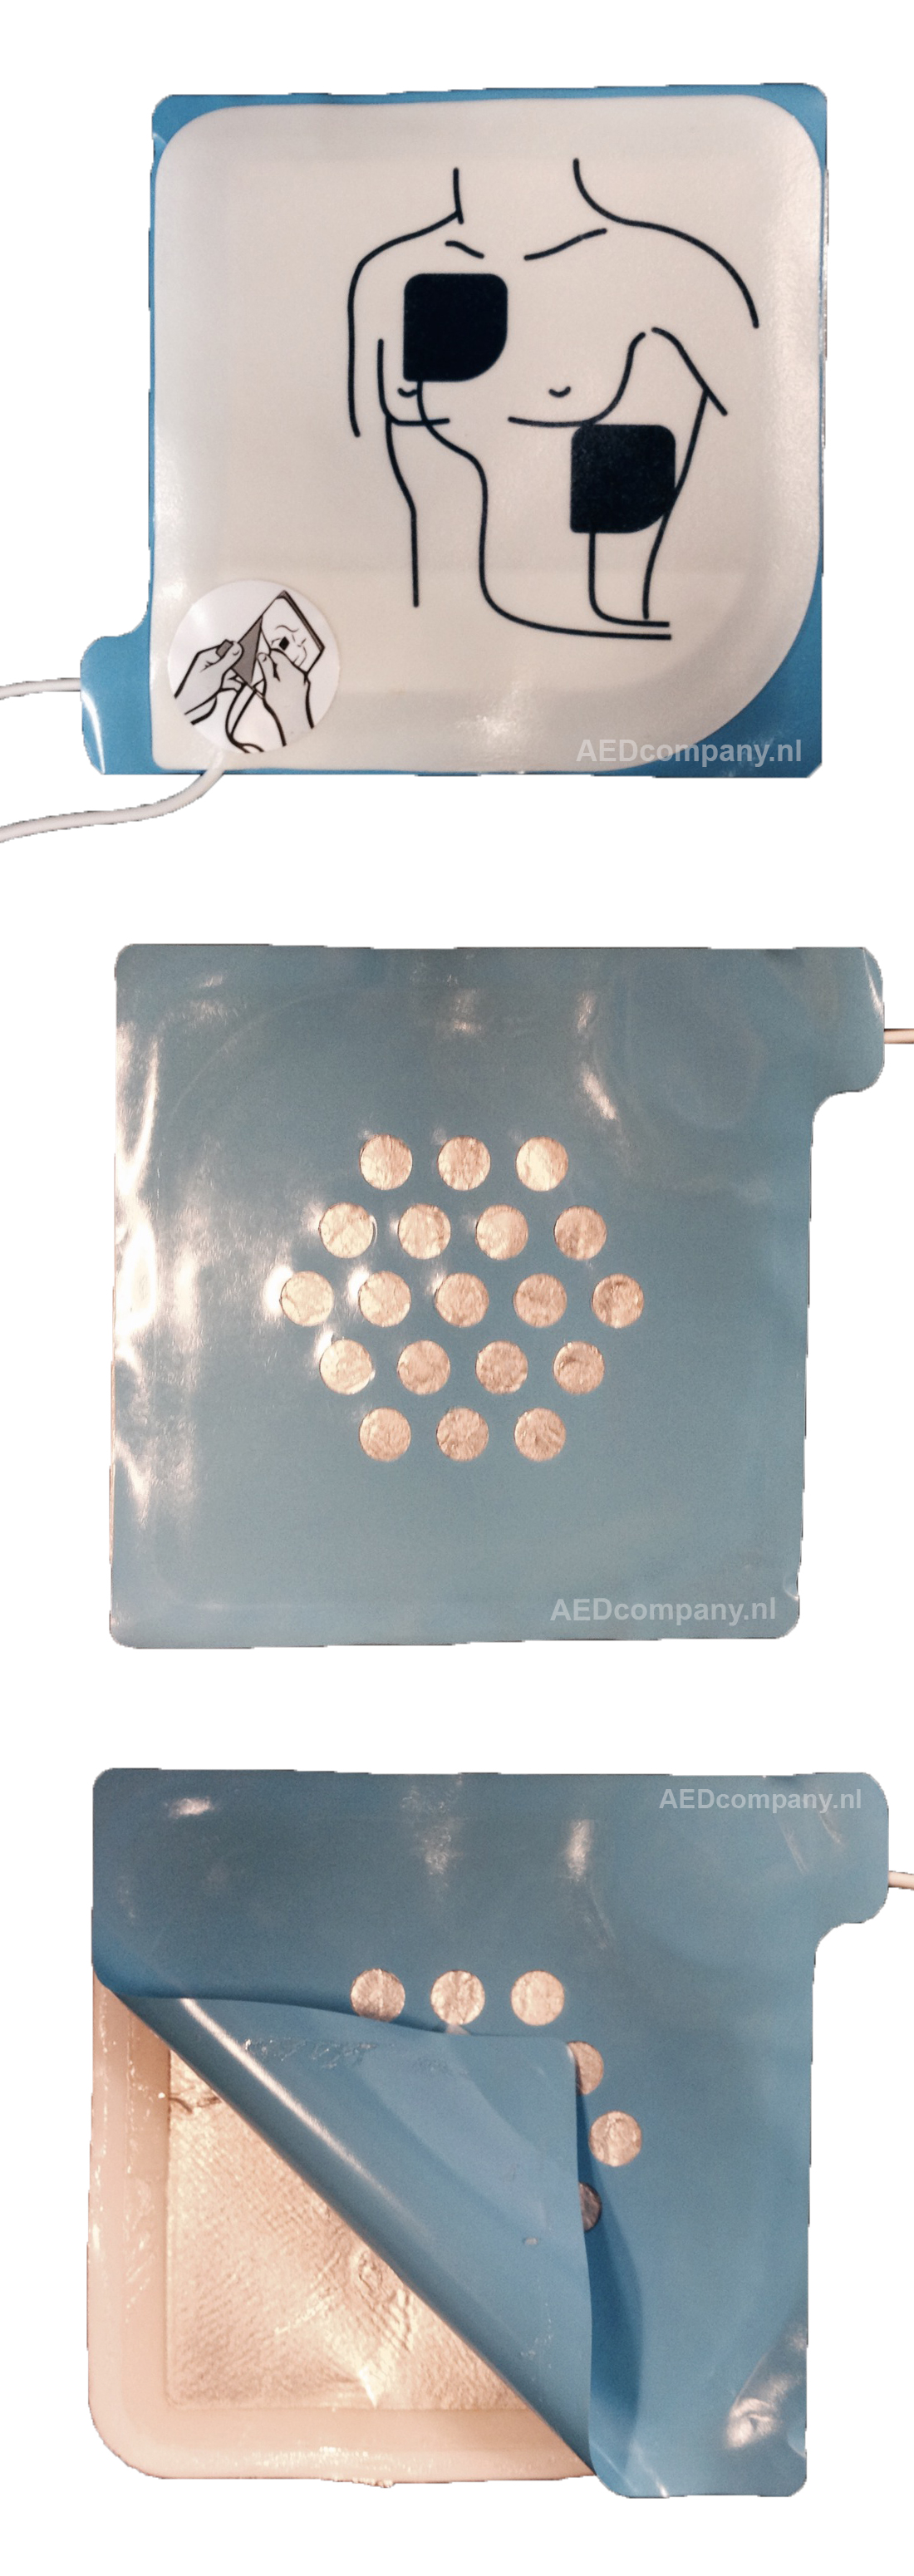 GE Responder elektroden 9131-001met blauw tussen vel